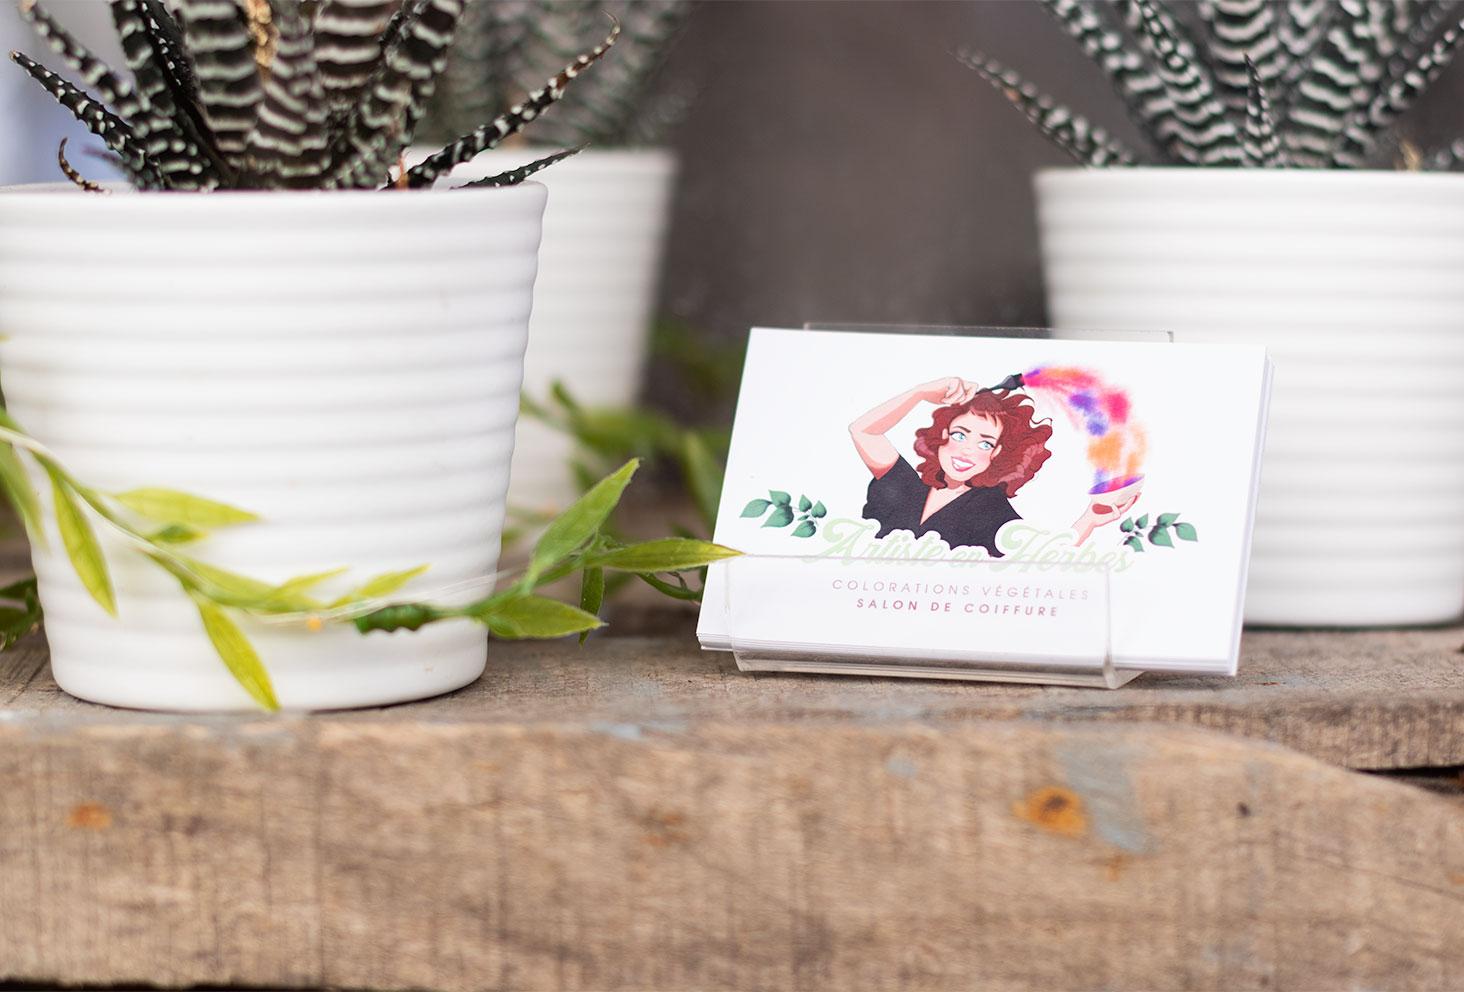 Les cartes de visite du salon de coiffure Artiste en Herbes à Tours posé sur une caisse en bois au milieu de plantes grasses